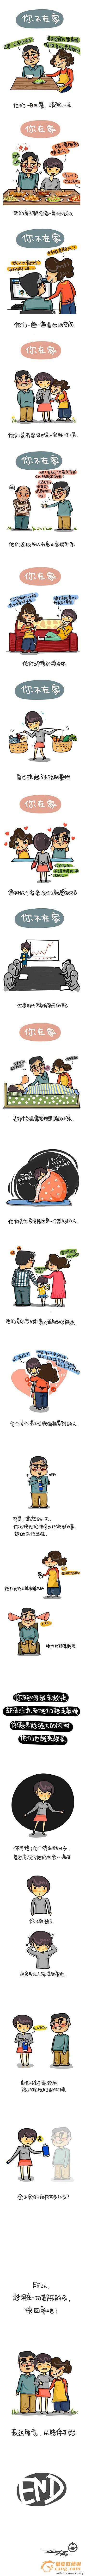 川大女生手绘漫画呼吁过年回家陪父母